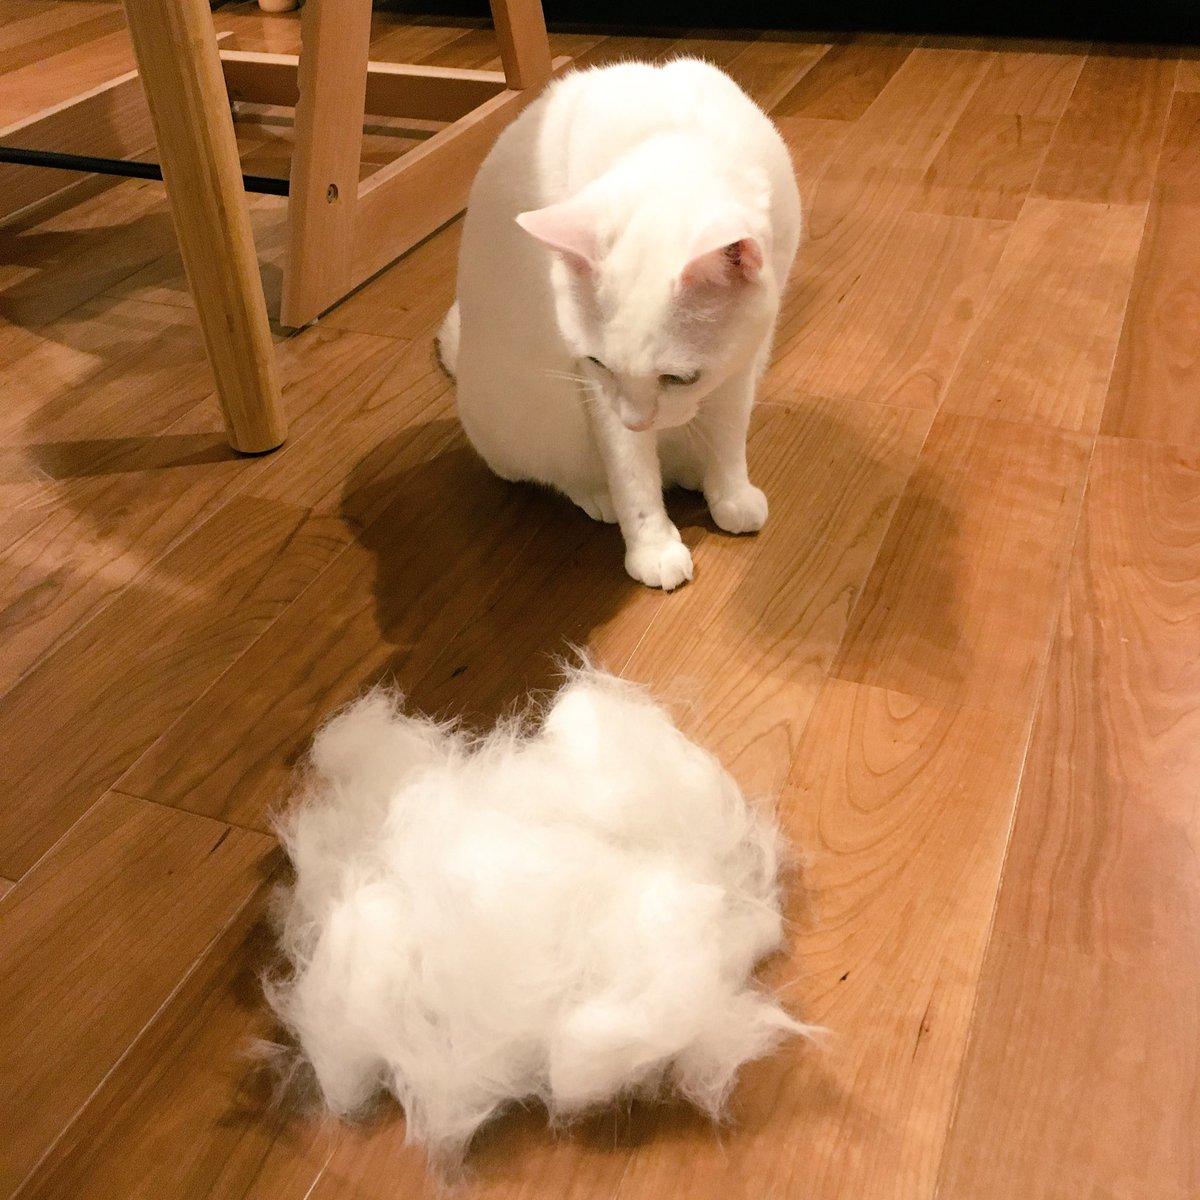 つい昨日まで羽毛布団の上で寝てたねこがフローリングでのびてたので暑いんだなと思ってファーミネーターでファーミネートしたらやばい量の毛がとれてねこもどん引きしてる。「えっ…わたしの毛…とれすぎ?」ひとまわり小さくなったね。 pic.twitter.com/XEmCOArLcO